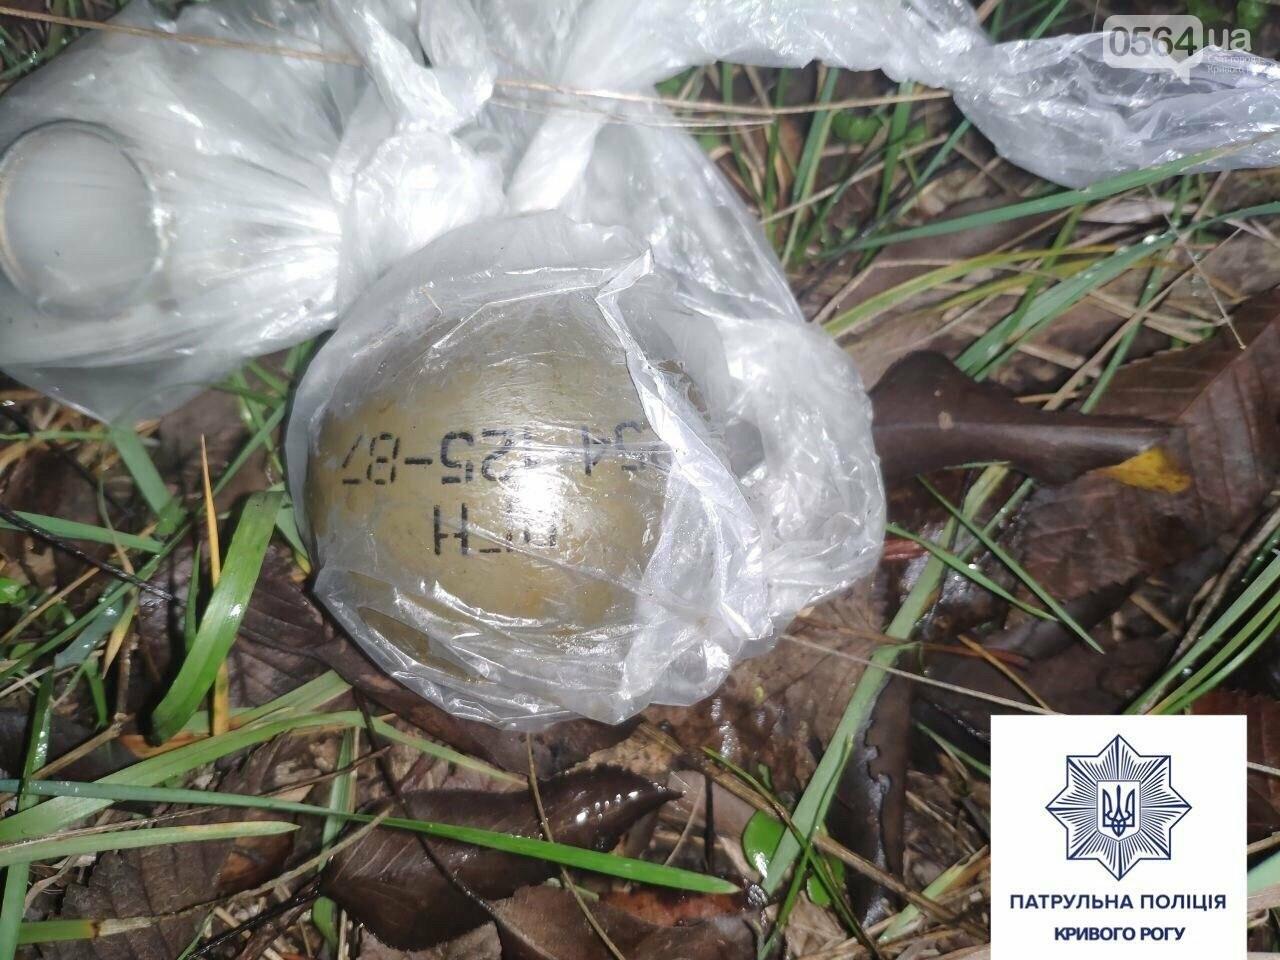 В Кривом Роге возле кладбища обнаружили гранаты, - ФОТО, фото-1